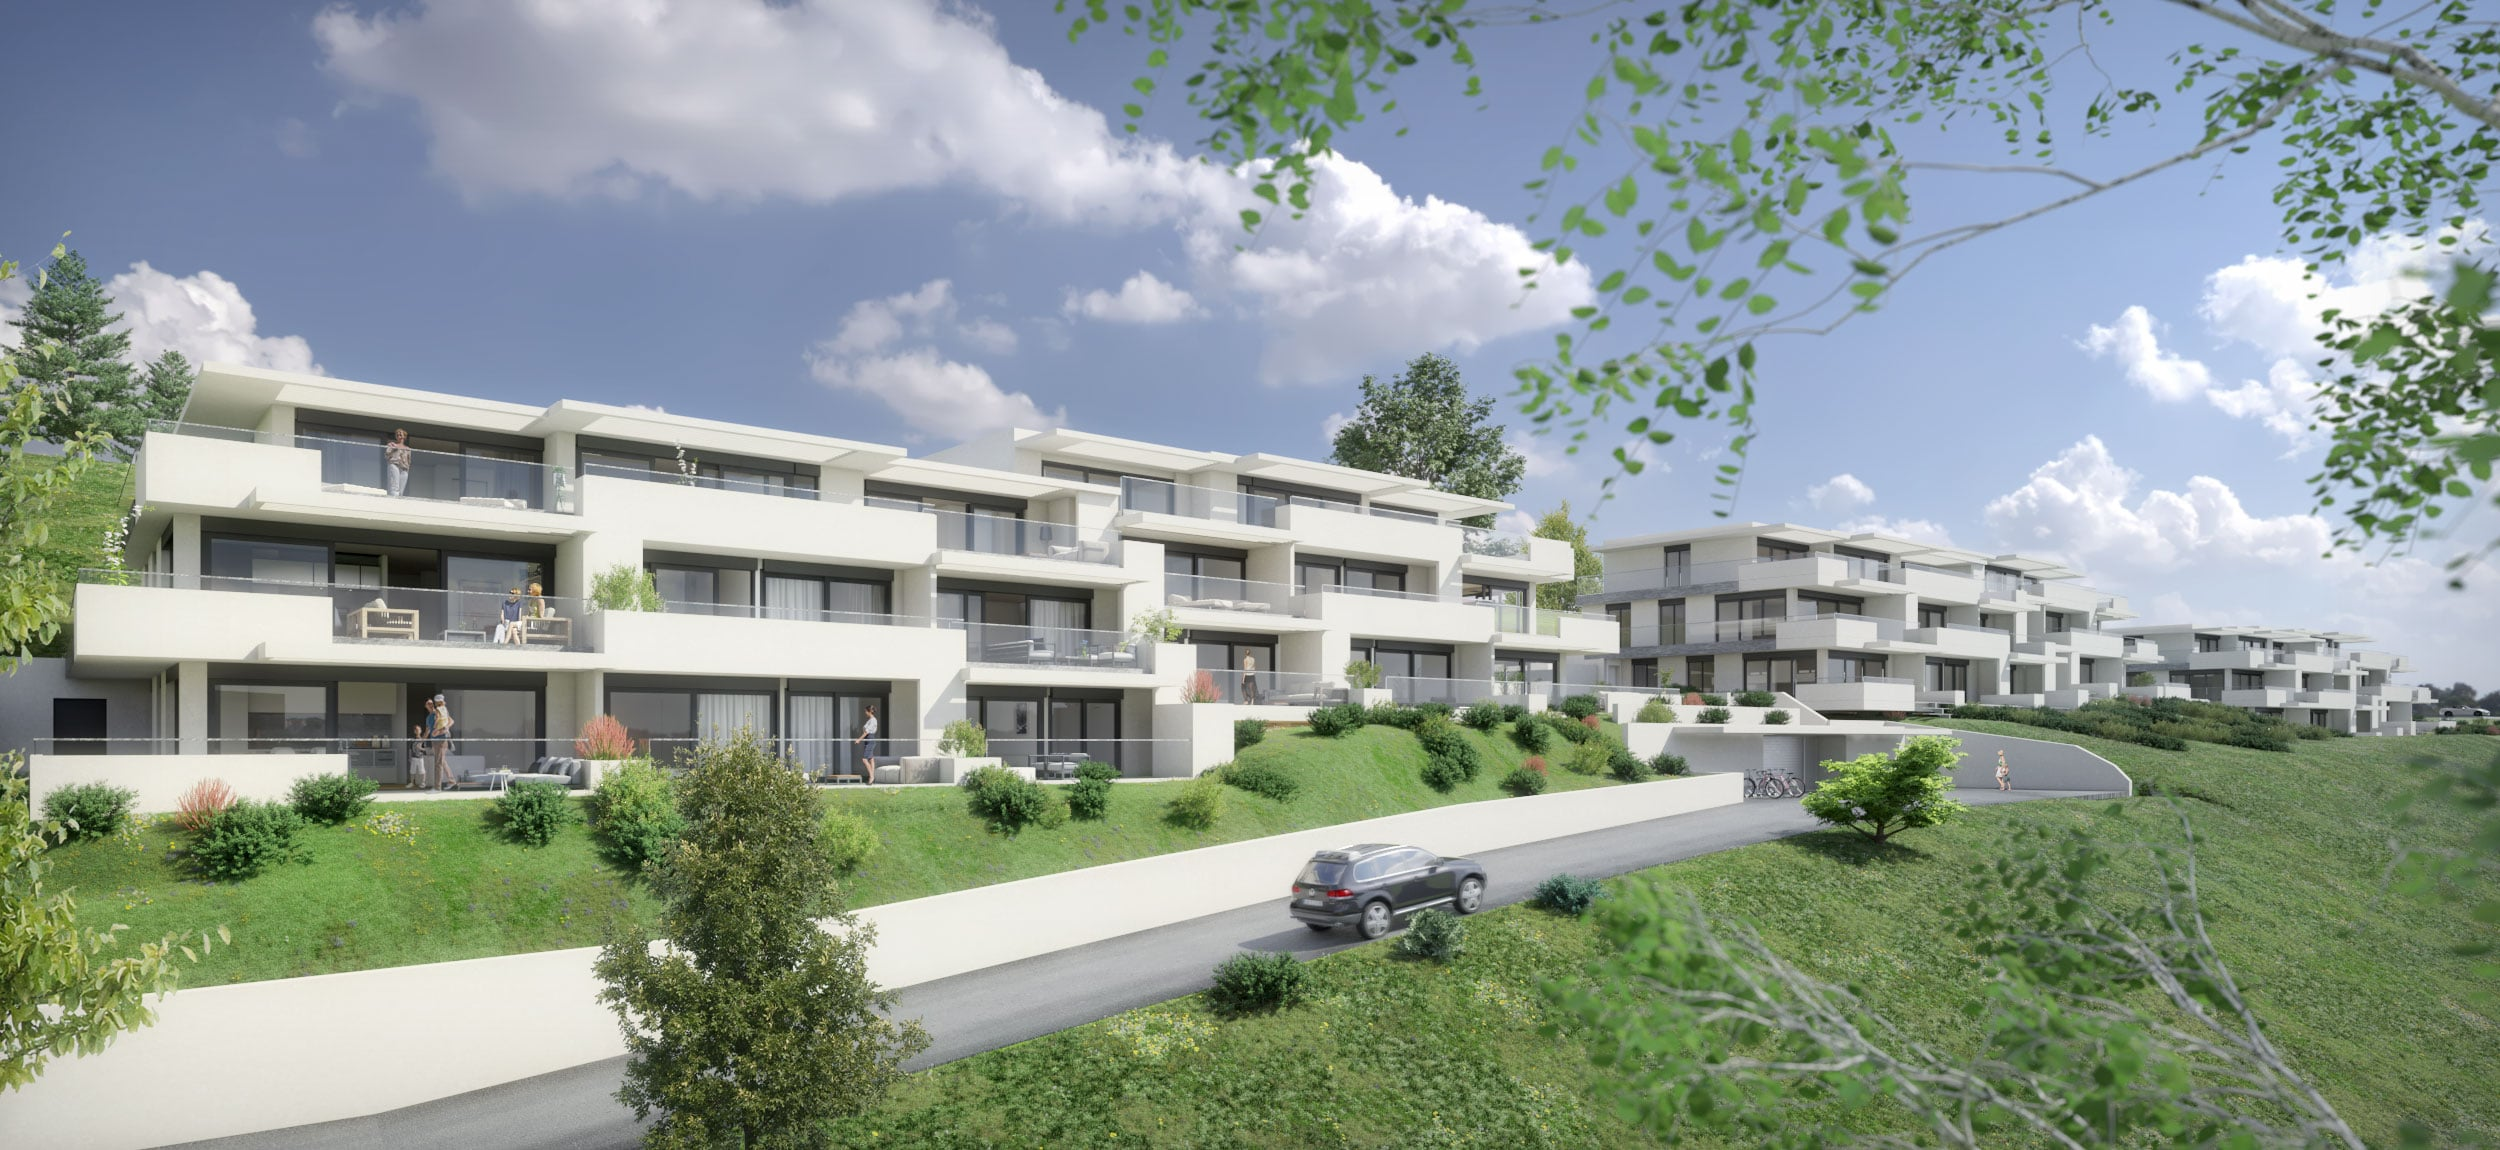 Modélisation 3D hybride intérieur-extérieur immeubles d'habitation haut de gamme